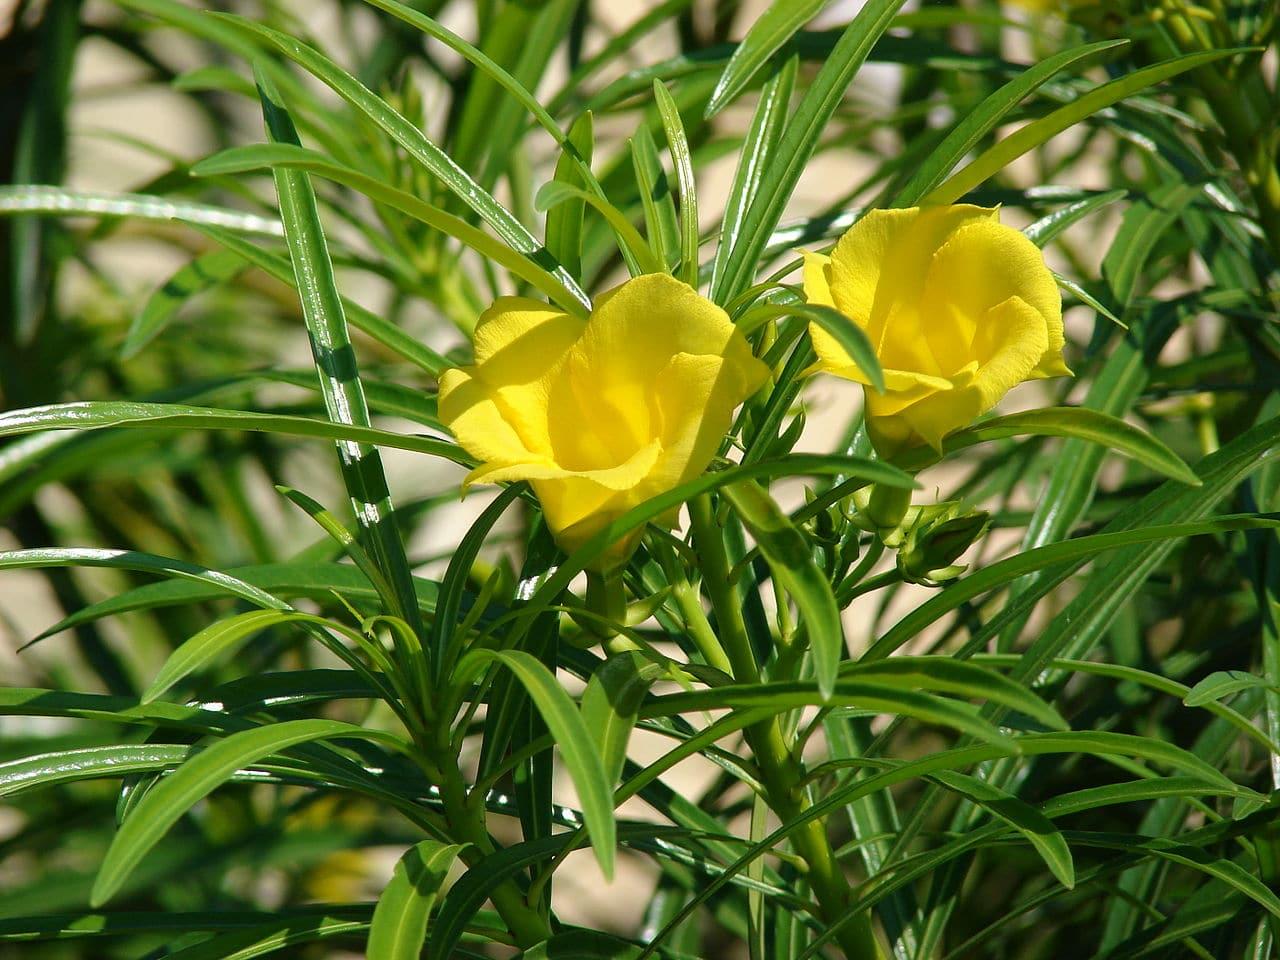 La Thevetia peruviana es un arbusto de flores amarillas